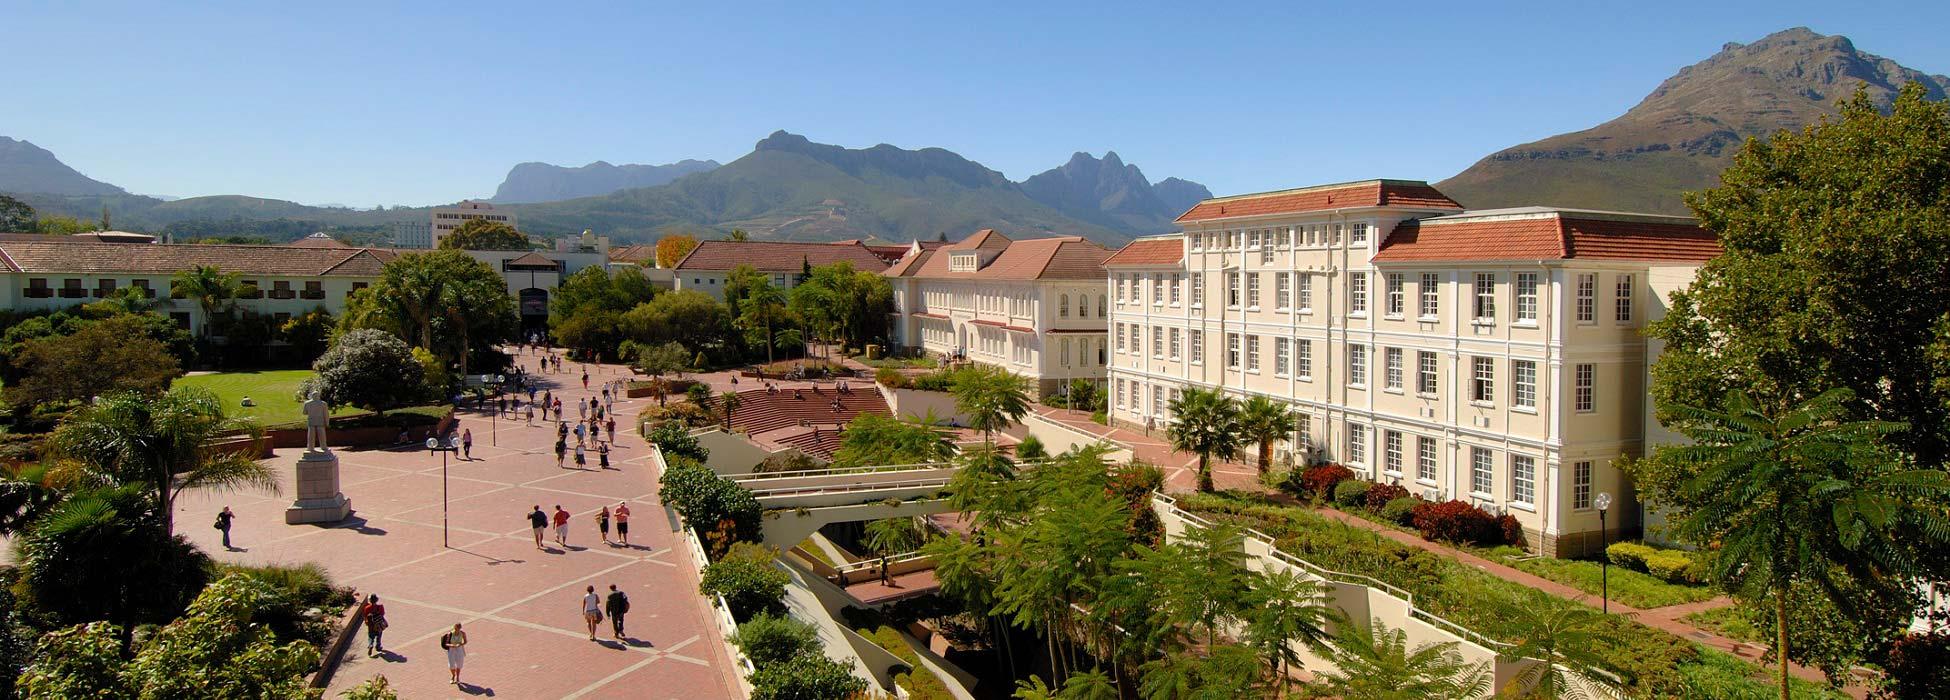 Pic of Stellenbosch